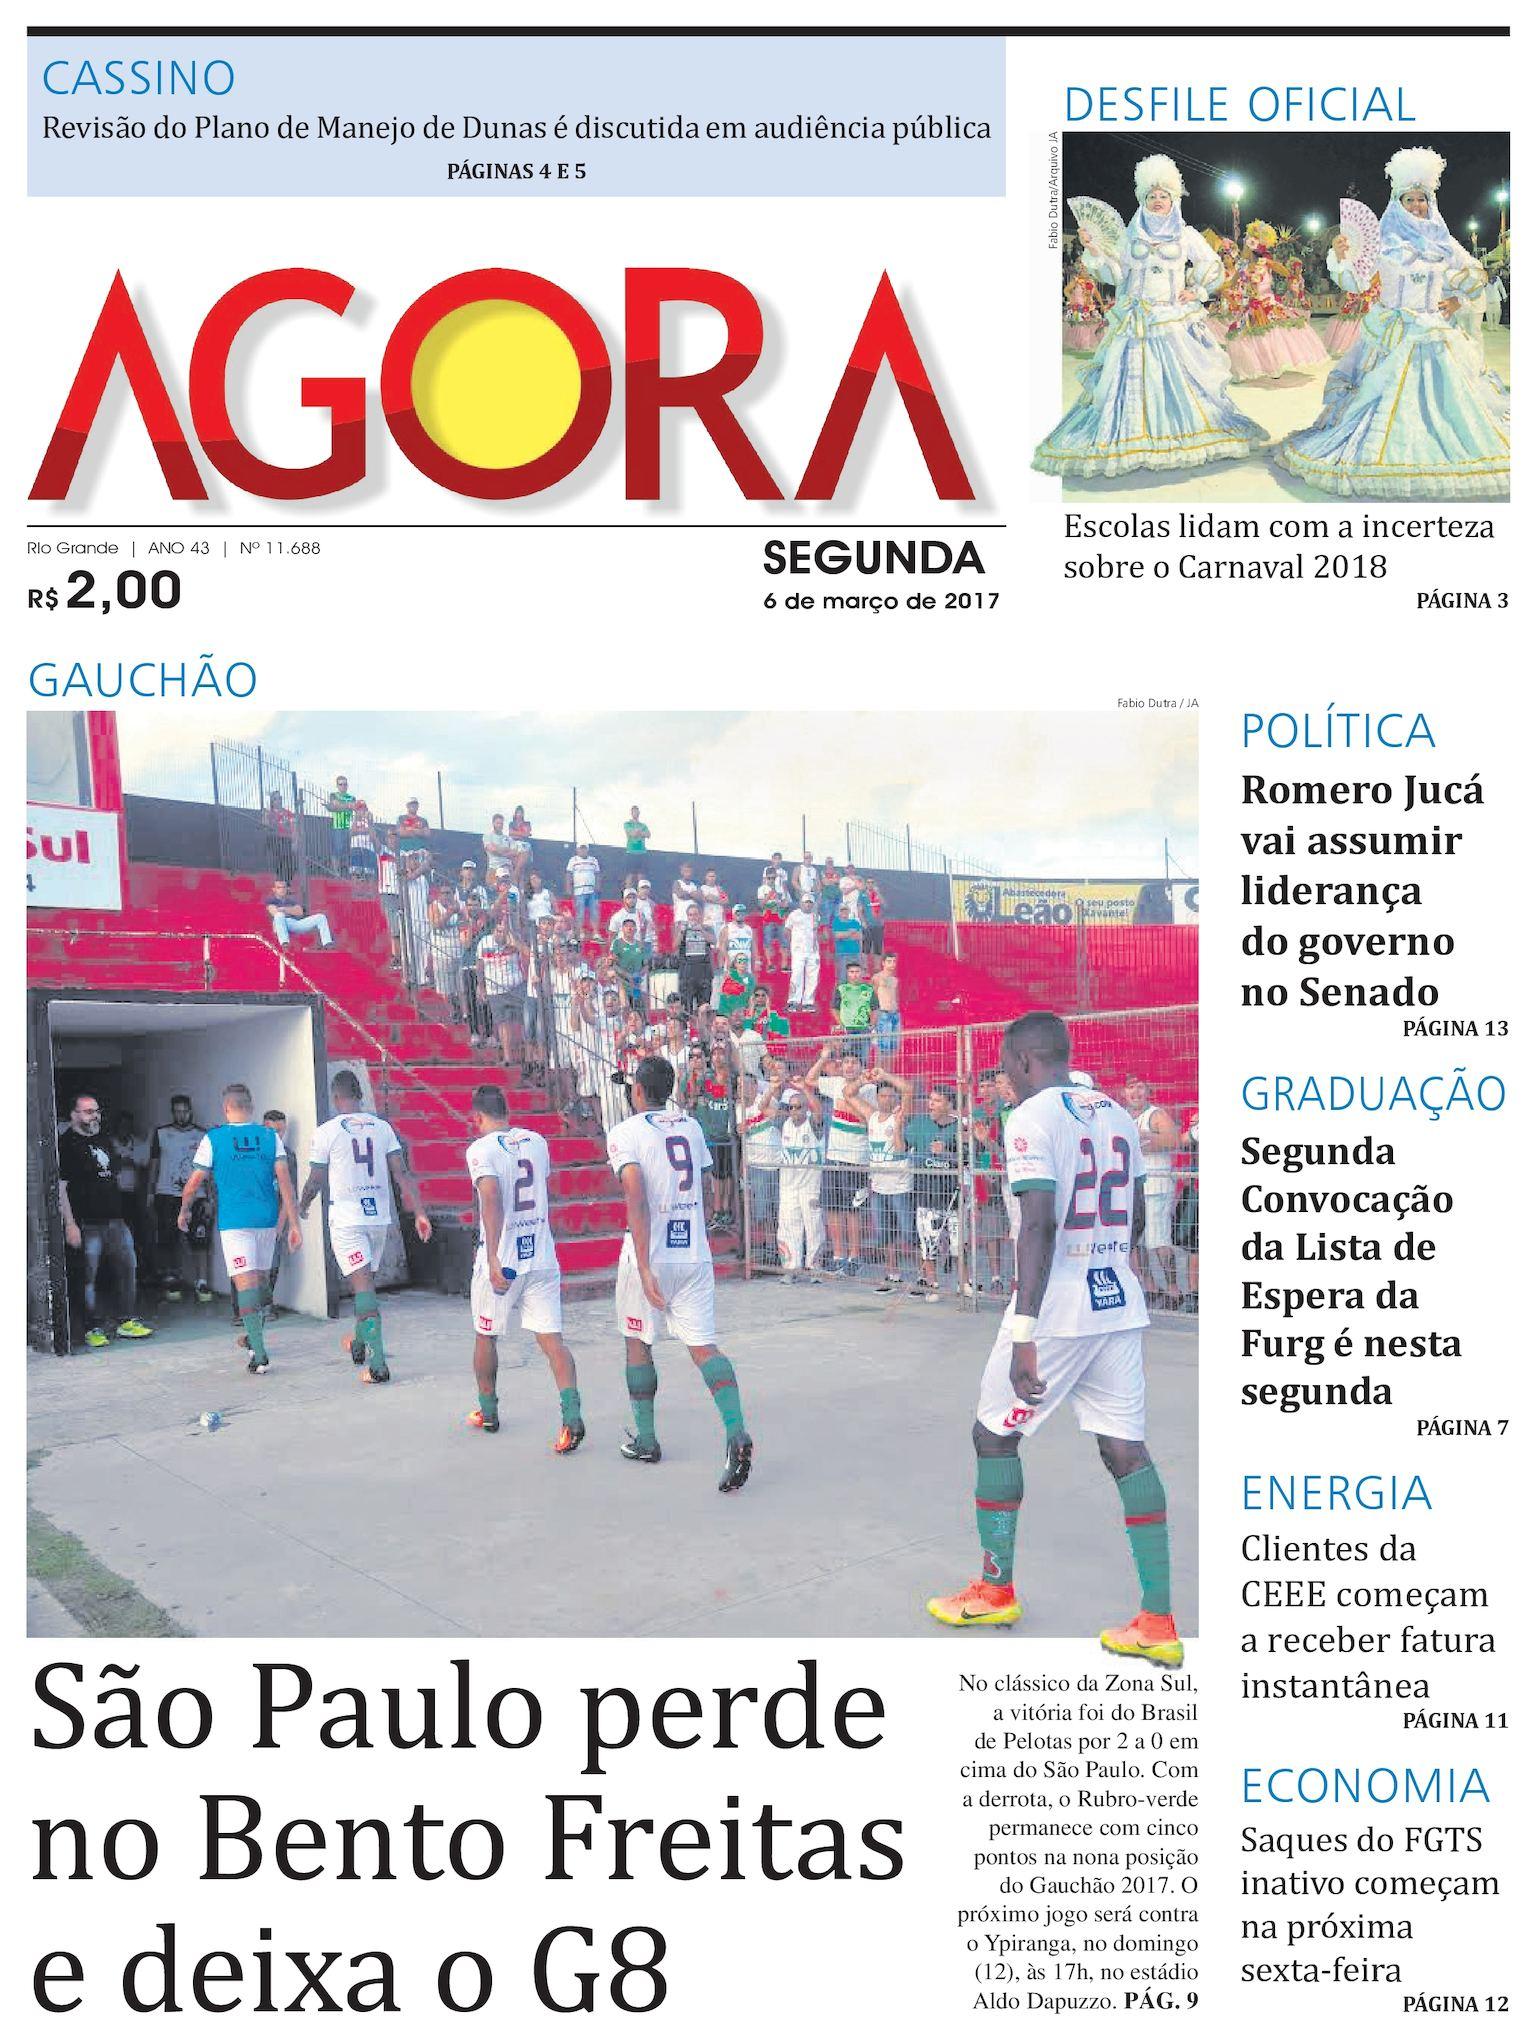 d32c994217 Calaméo - Jornal Agora - Edição 11688 - 6 de Março de 2017